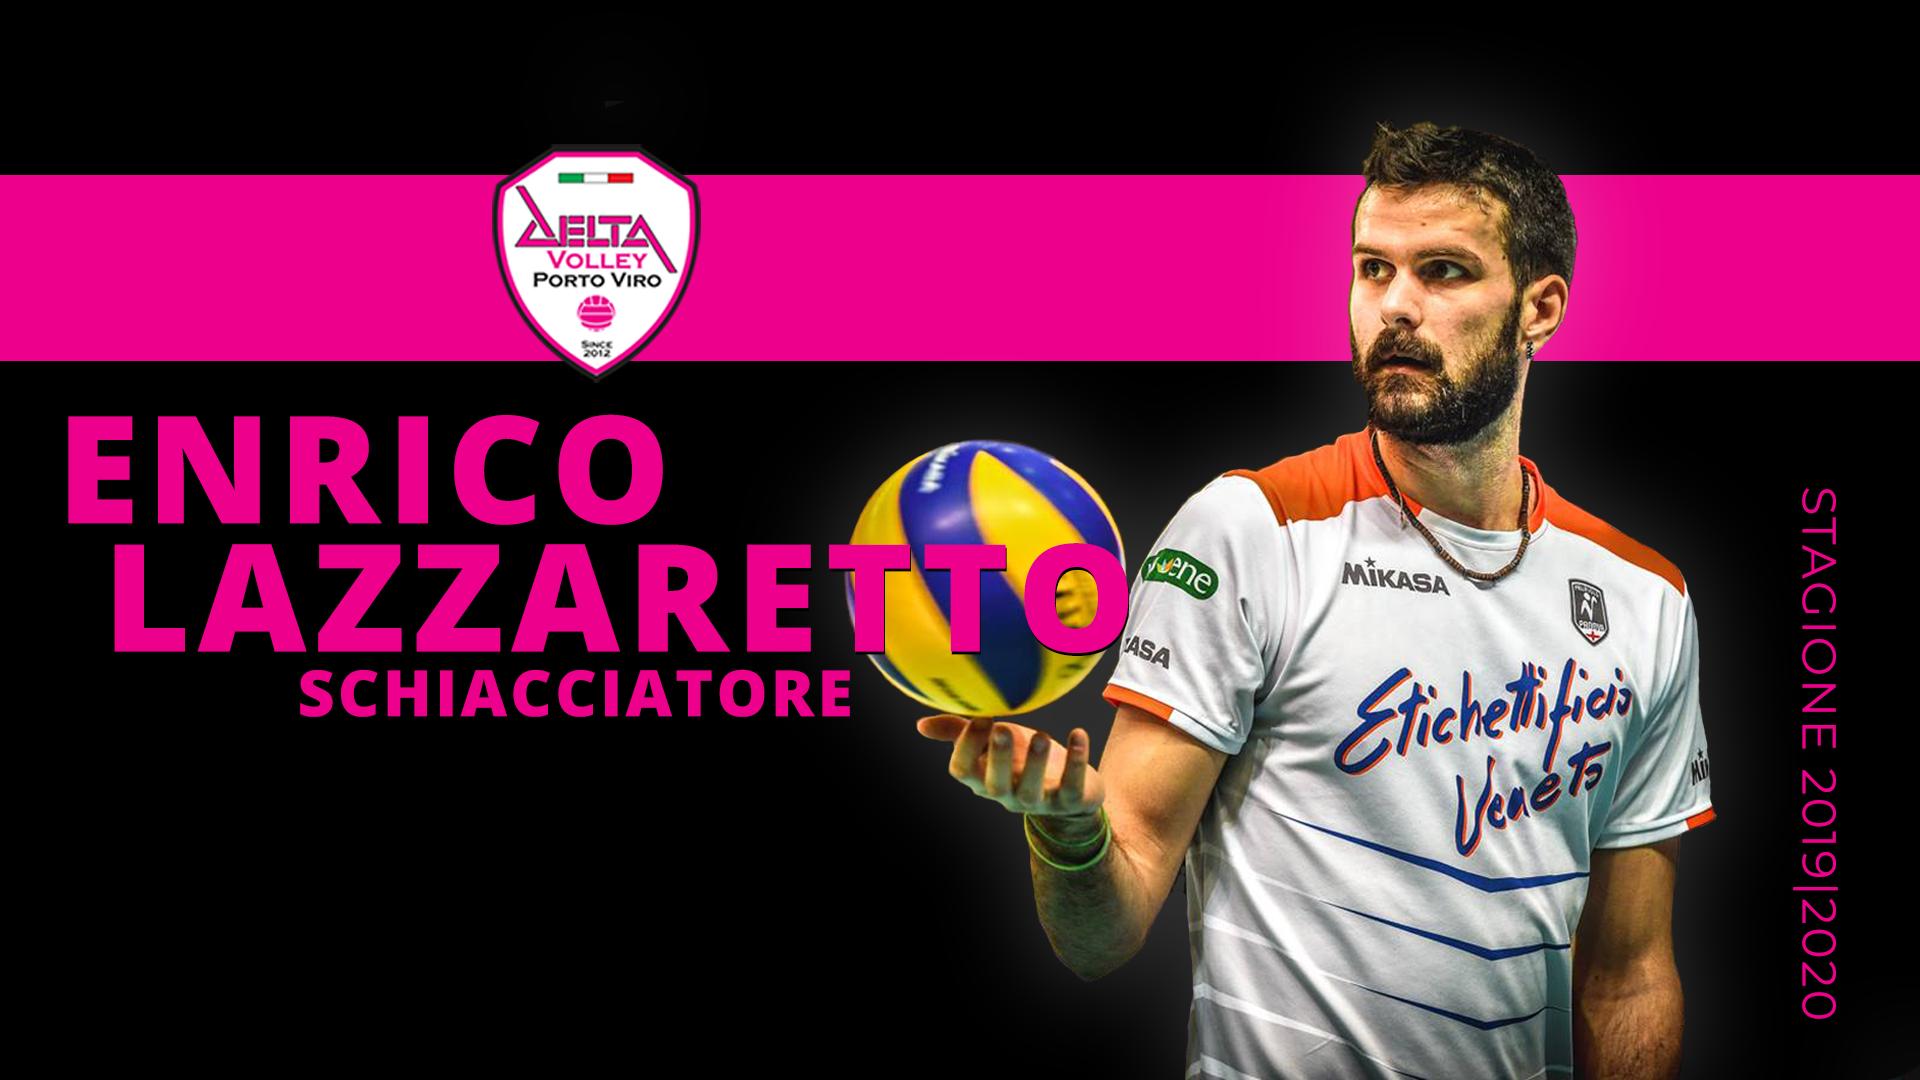 Enrico Lazzaretto